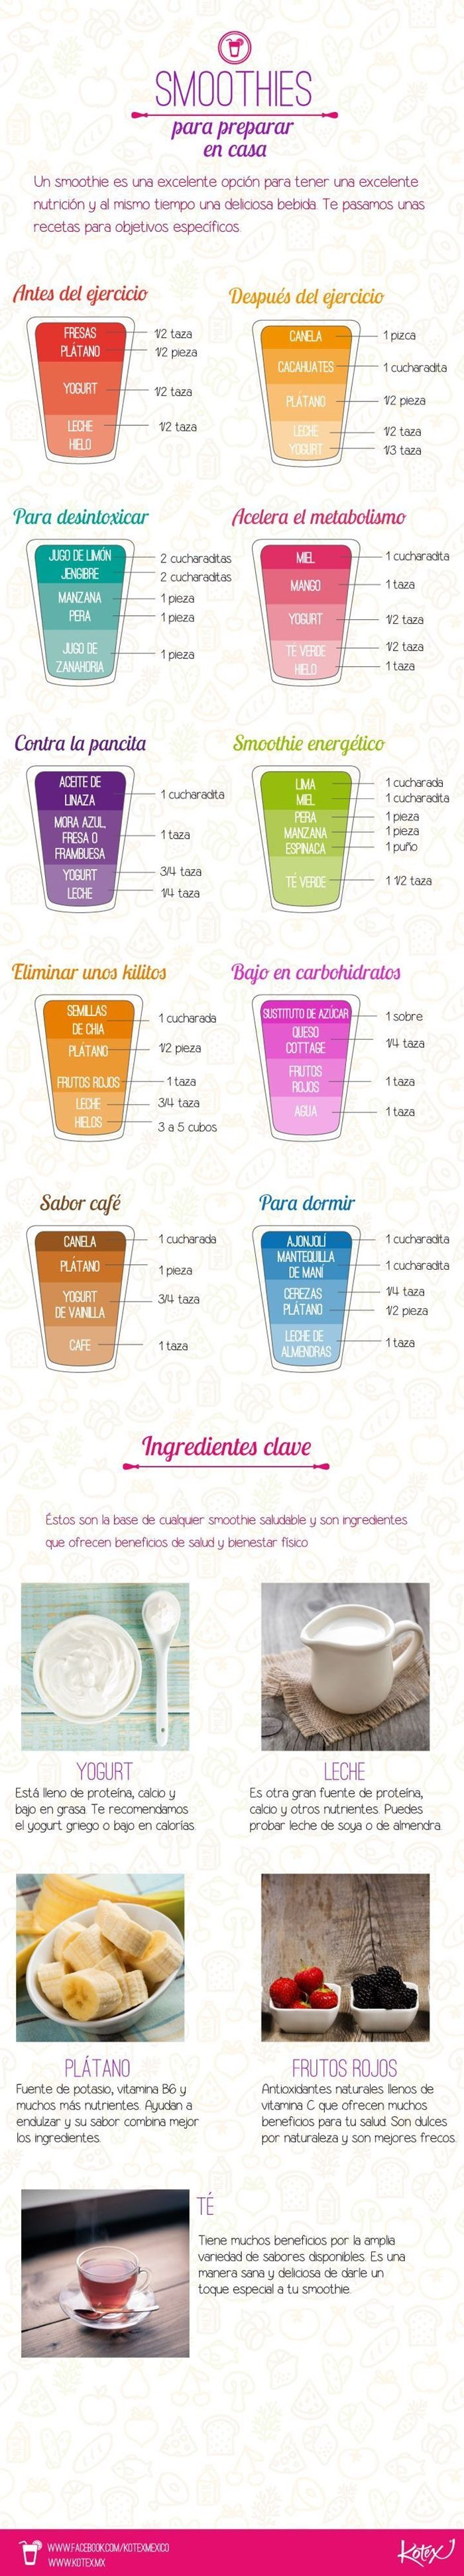 Cómo hacer smoothies saludables en casa #infografía.